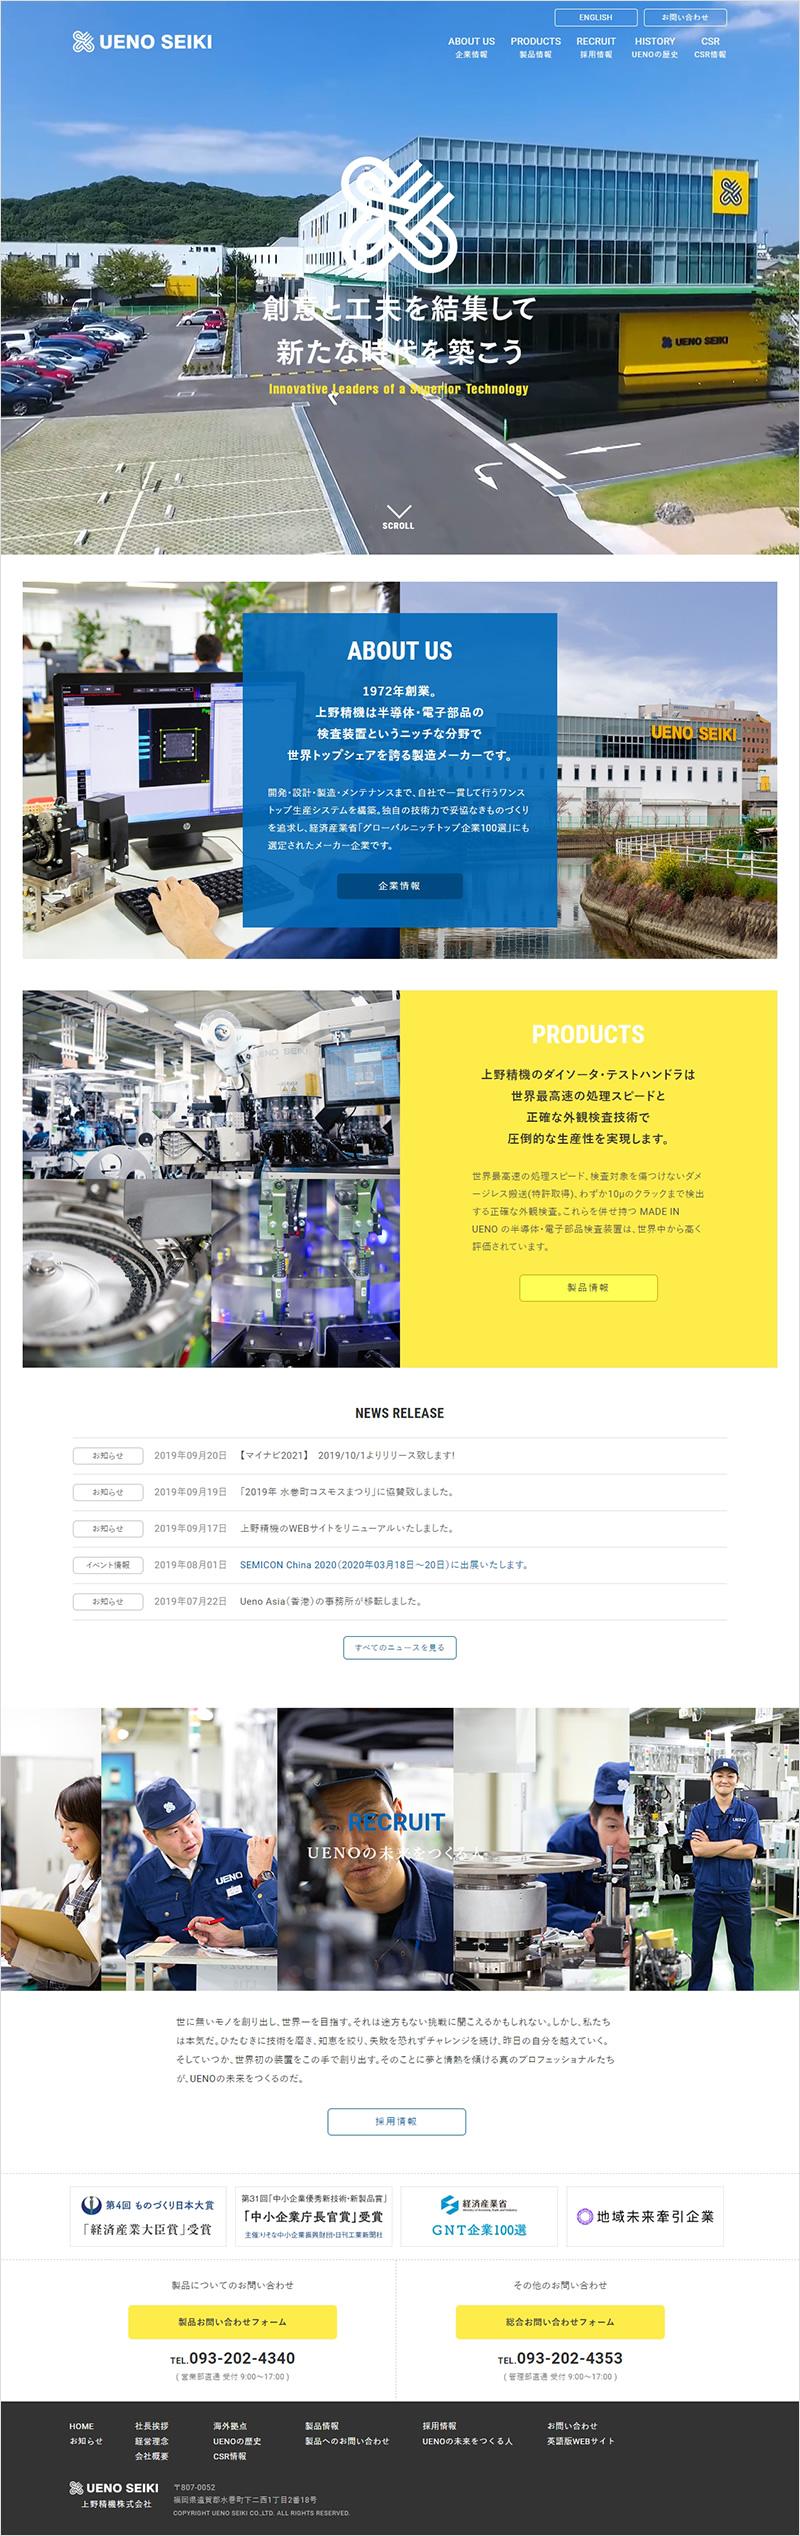 上野精機株式会社